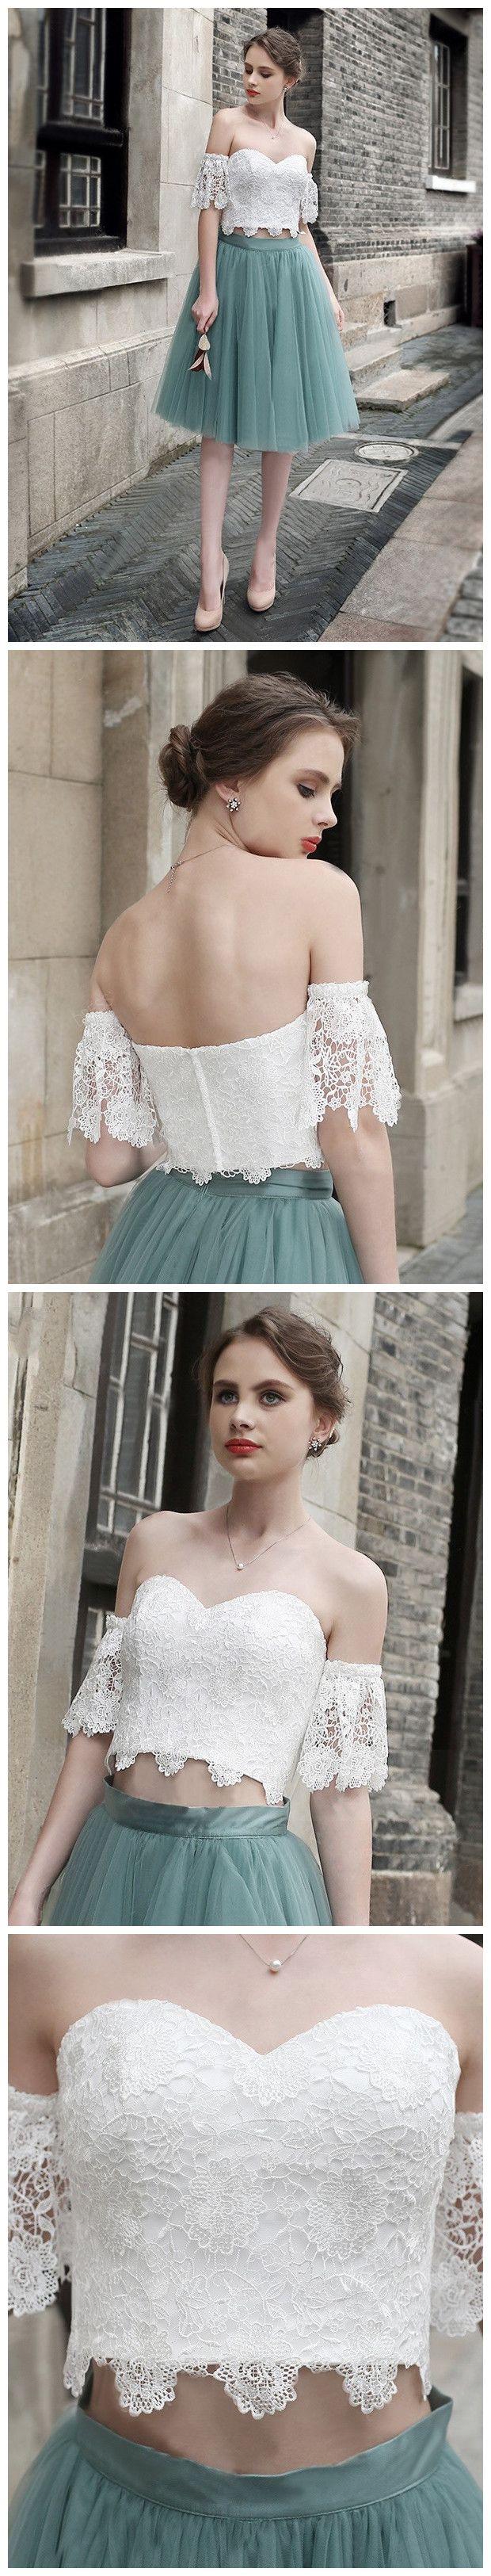 Aline offtheshoulder knee length tulle short prom dress